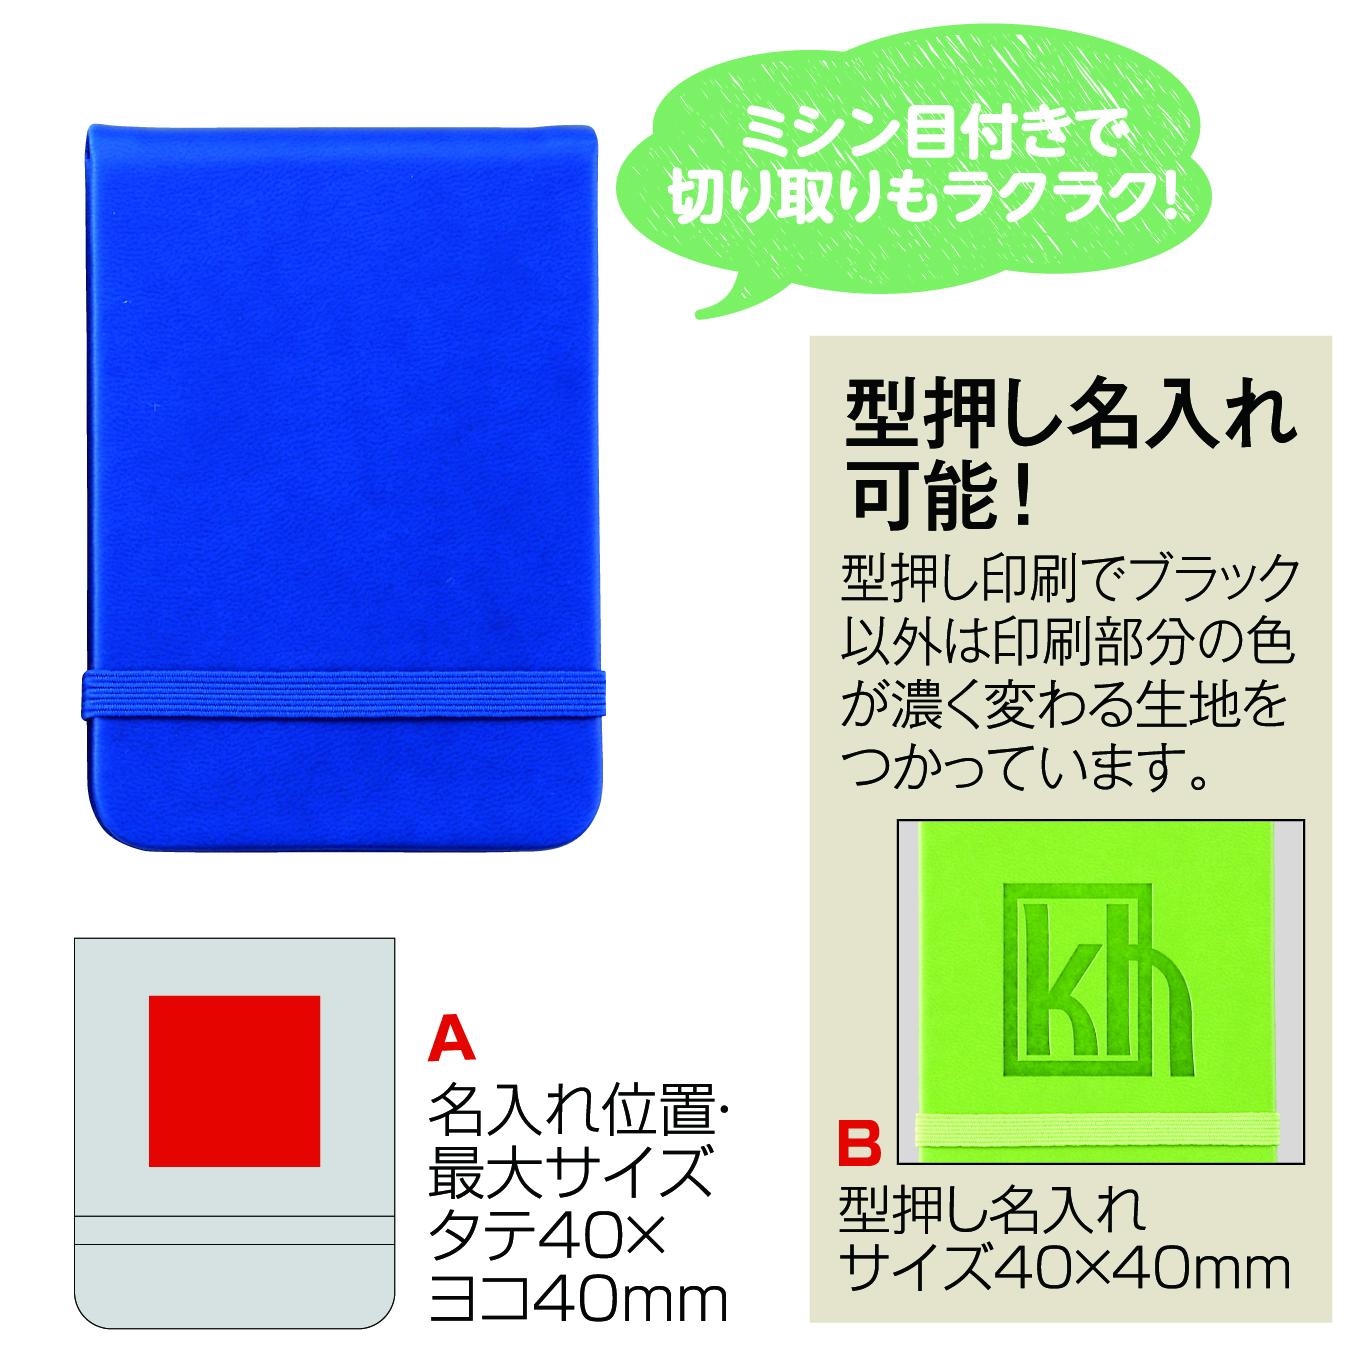 セルトナ・ハードカバーメモ帳(ブルー)